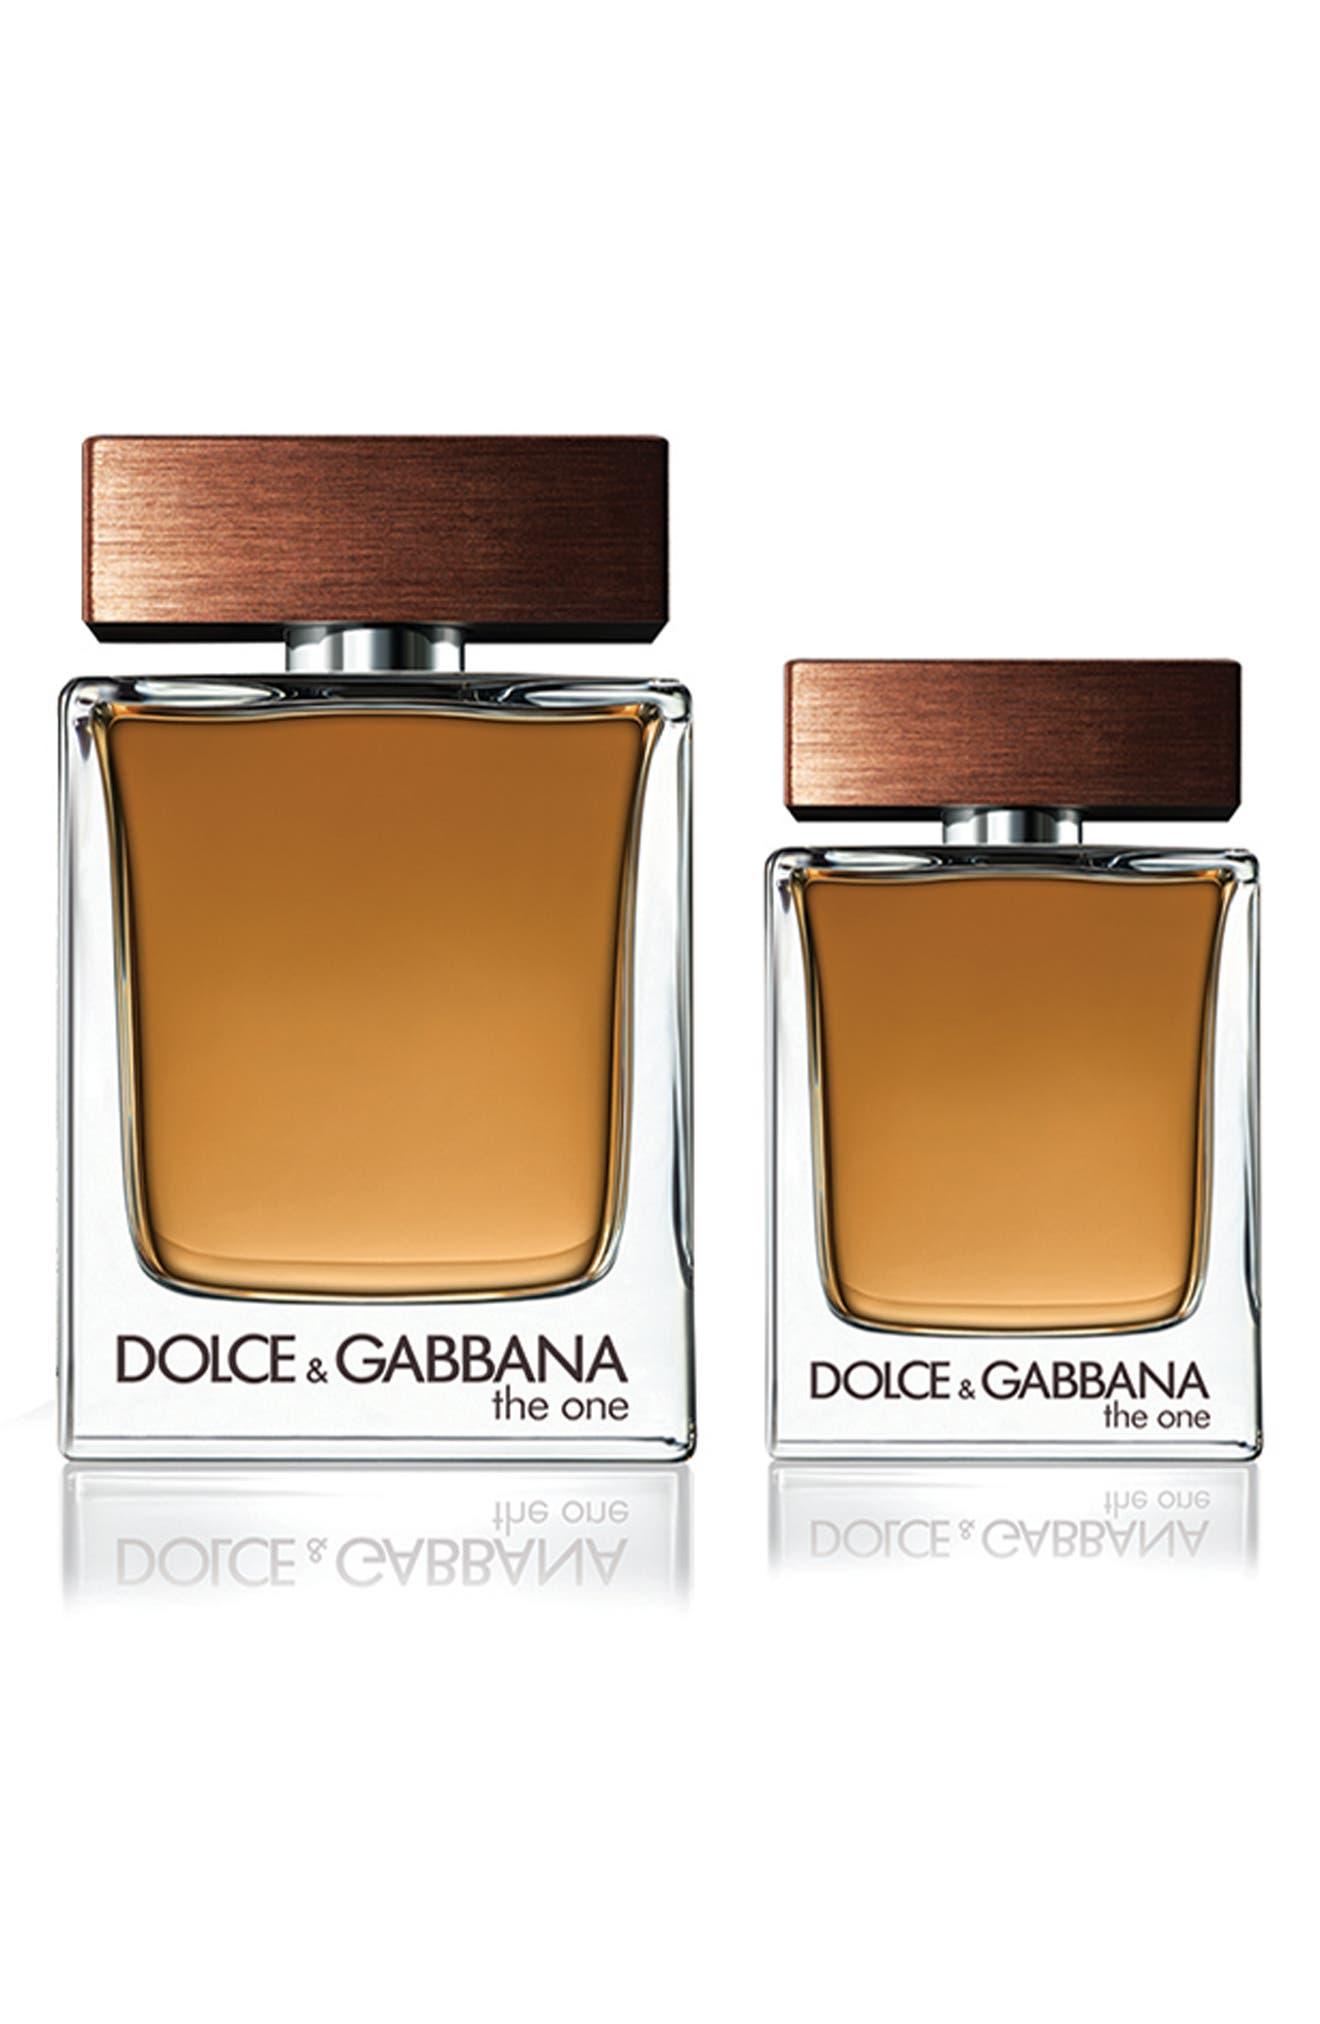 Dolce & gabbana The One For Men Eau De Toilette Set ($142 Value)